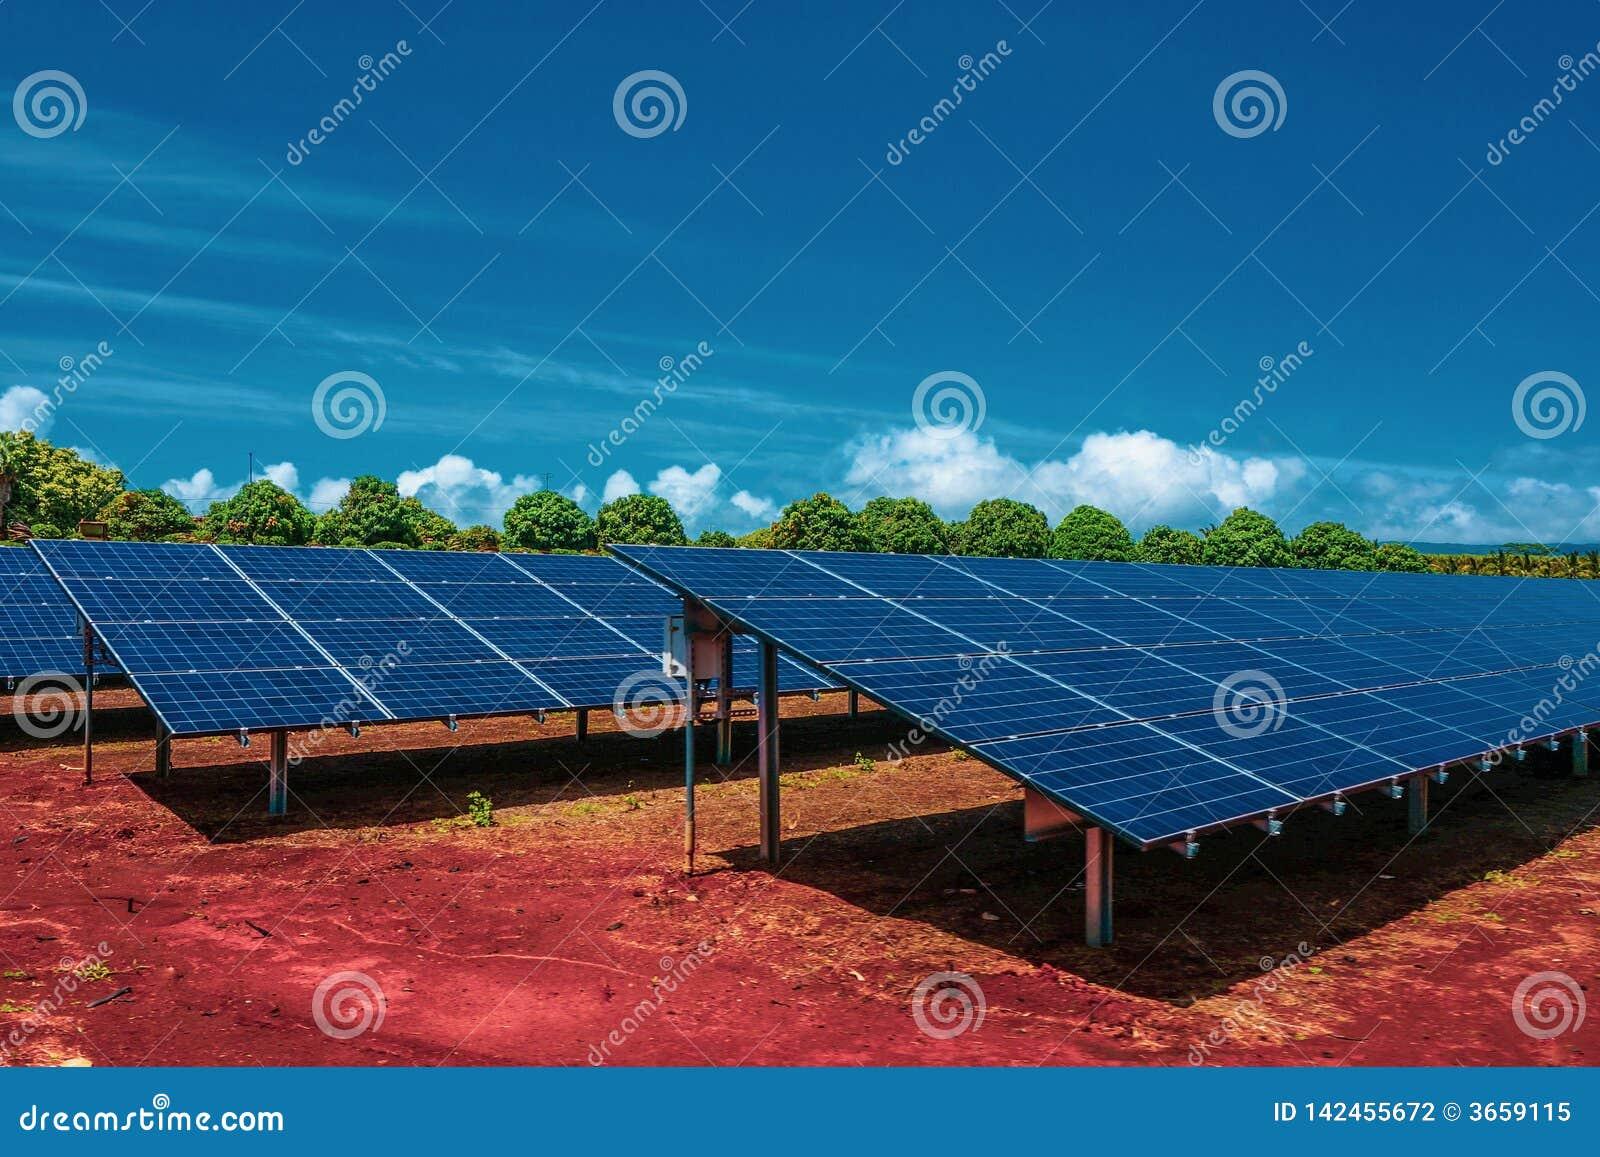 Ηλιακά πλαίσια, photovoltaics, πηγή εναλλακτικής ενέργειας, που στέκονται στο κόκκινο έδαφος με το φωτεινό μπλε ουρανό και τα πρά